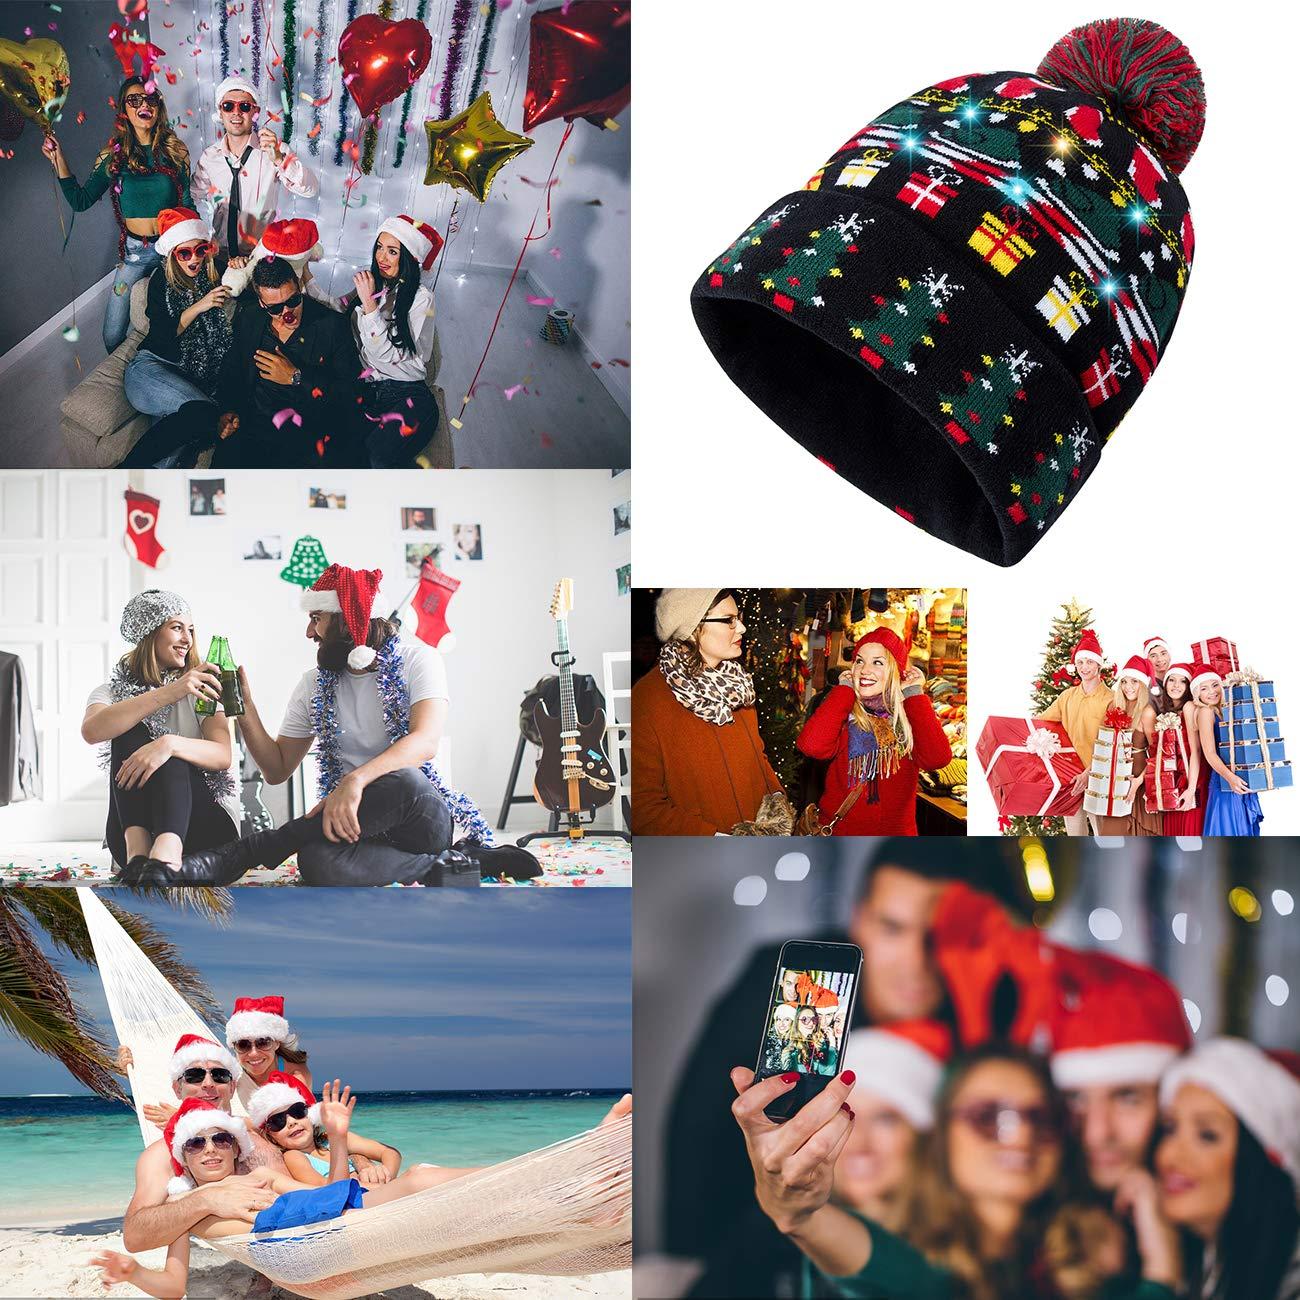 1bbd70fbc13e7 ... RAISEVERN Unisex Ugly LED Christmas Hat Novelty Colorful Light-up  Stylish Knitted Sweater Xmas Party